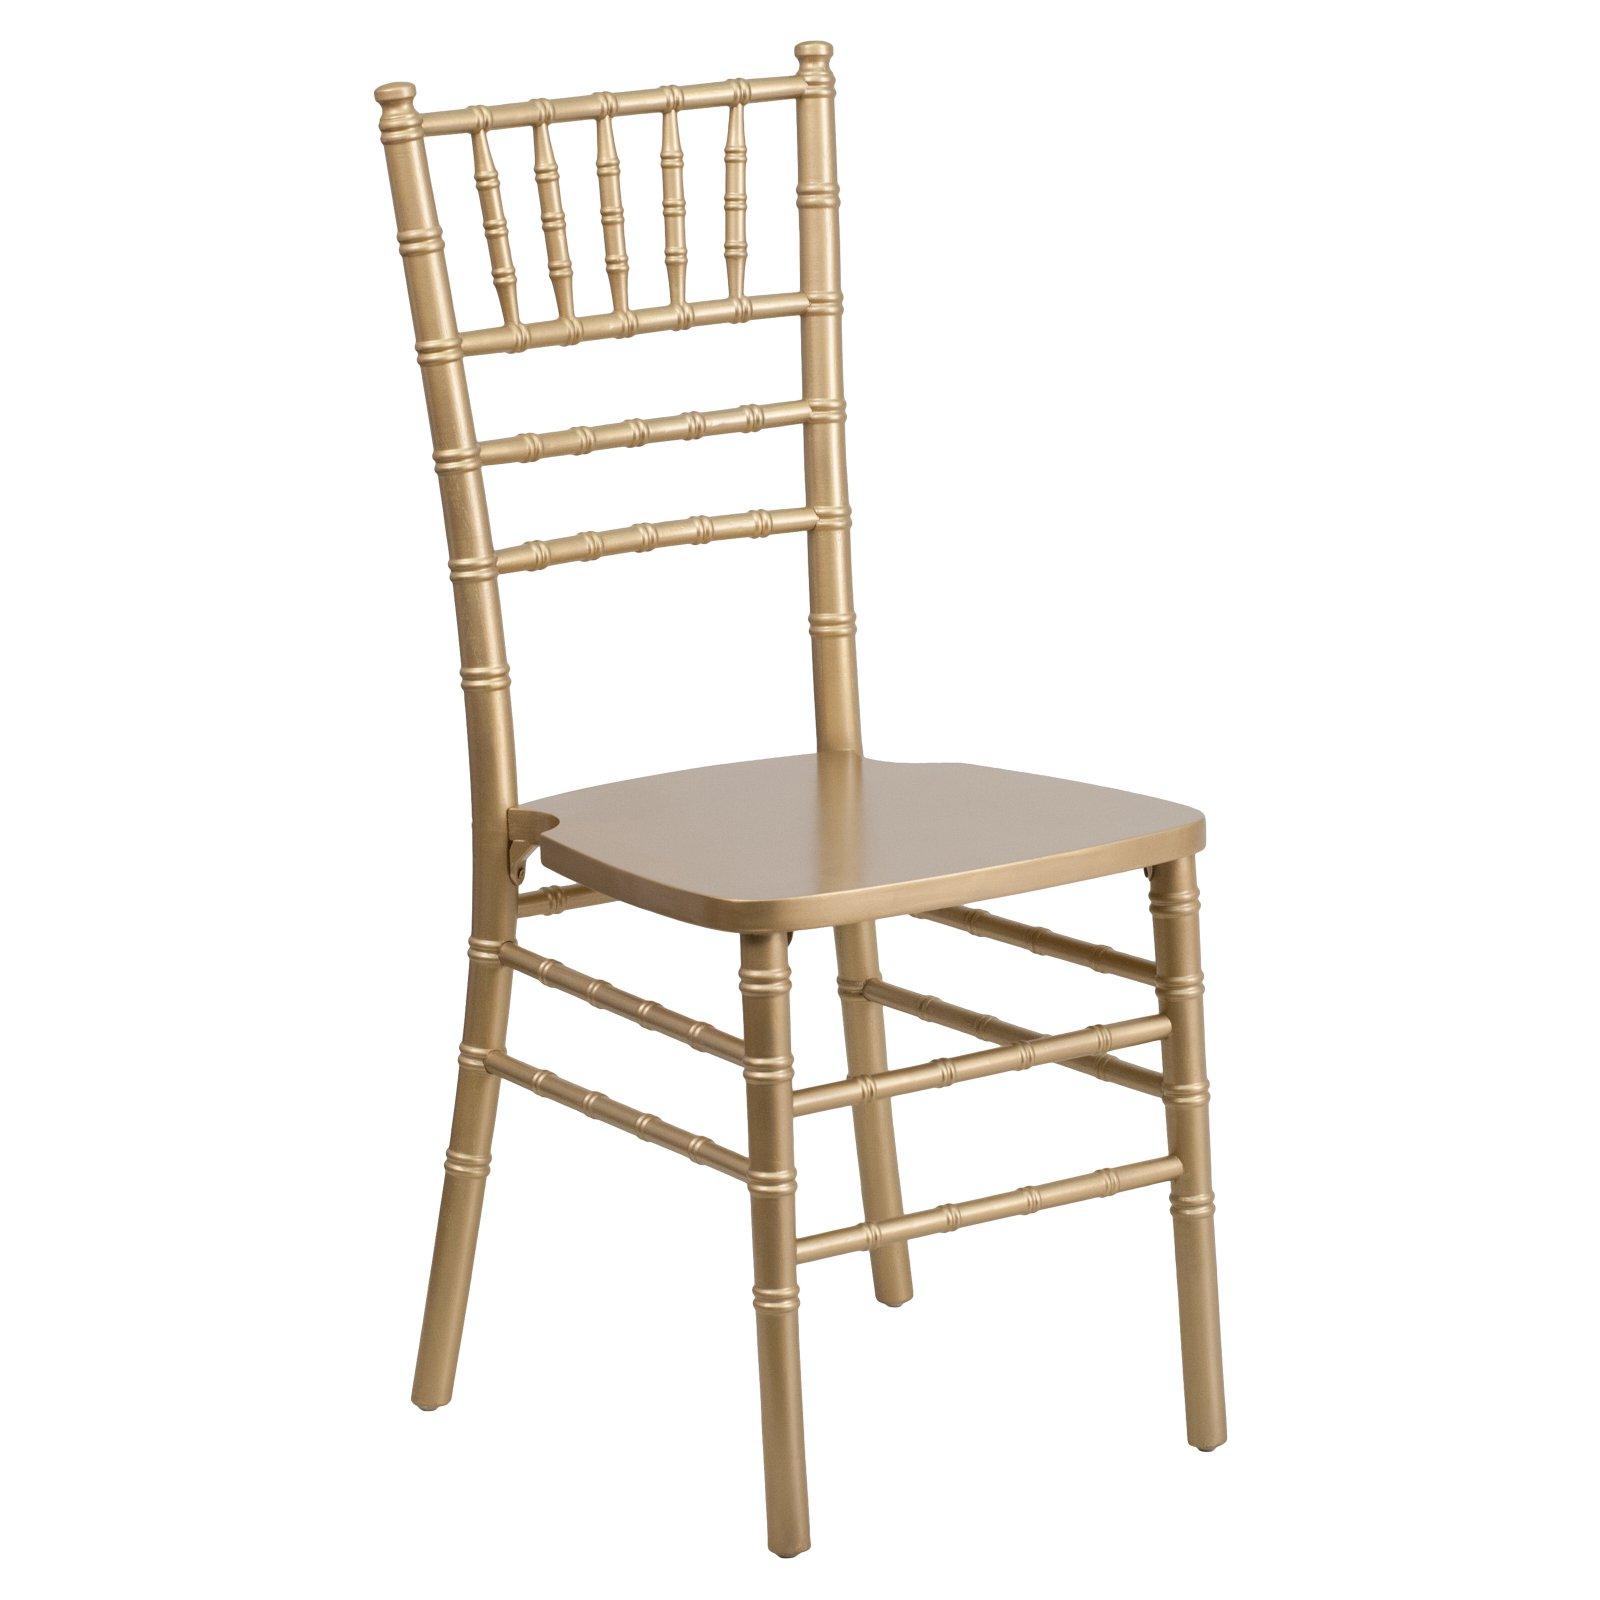 Flash Furniture HERCULES Series Wood Chiavari Chair, Multiple Colors